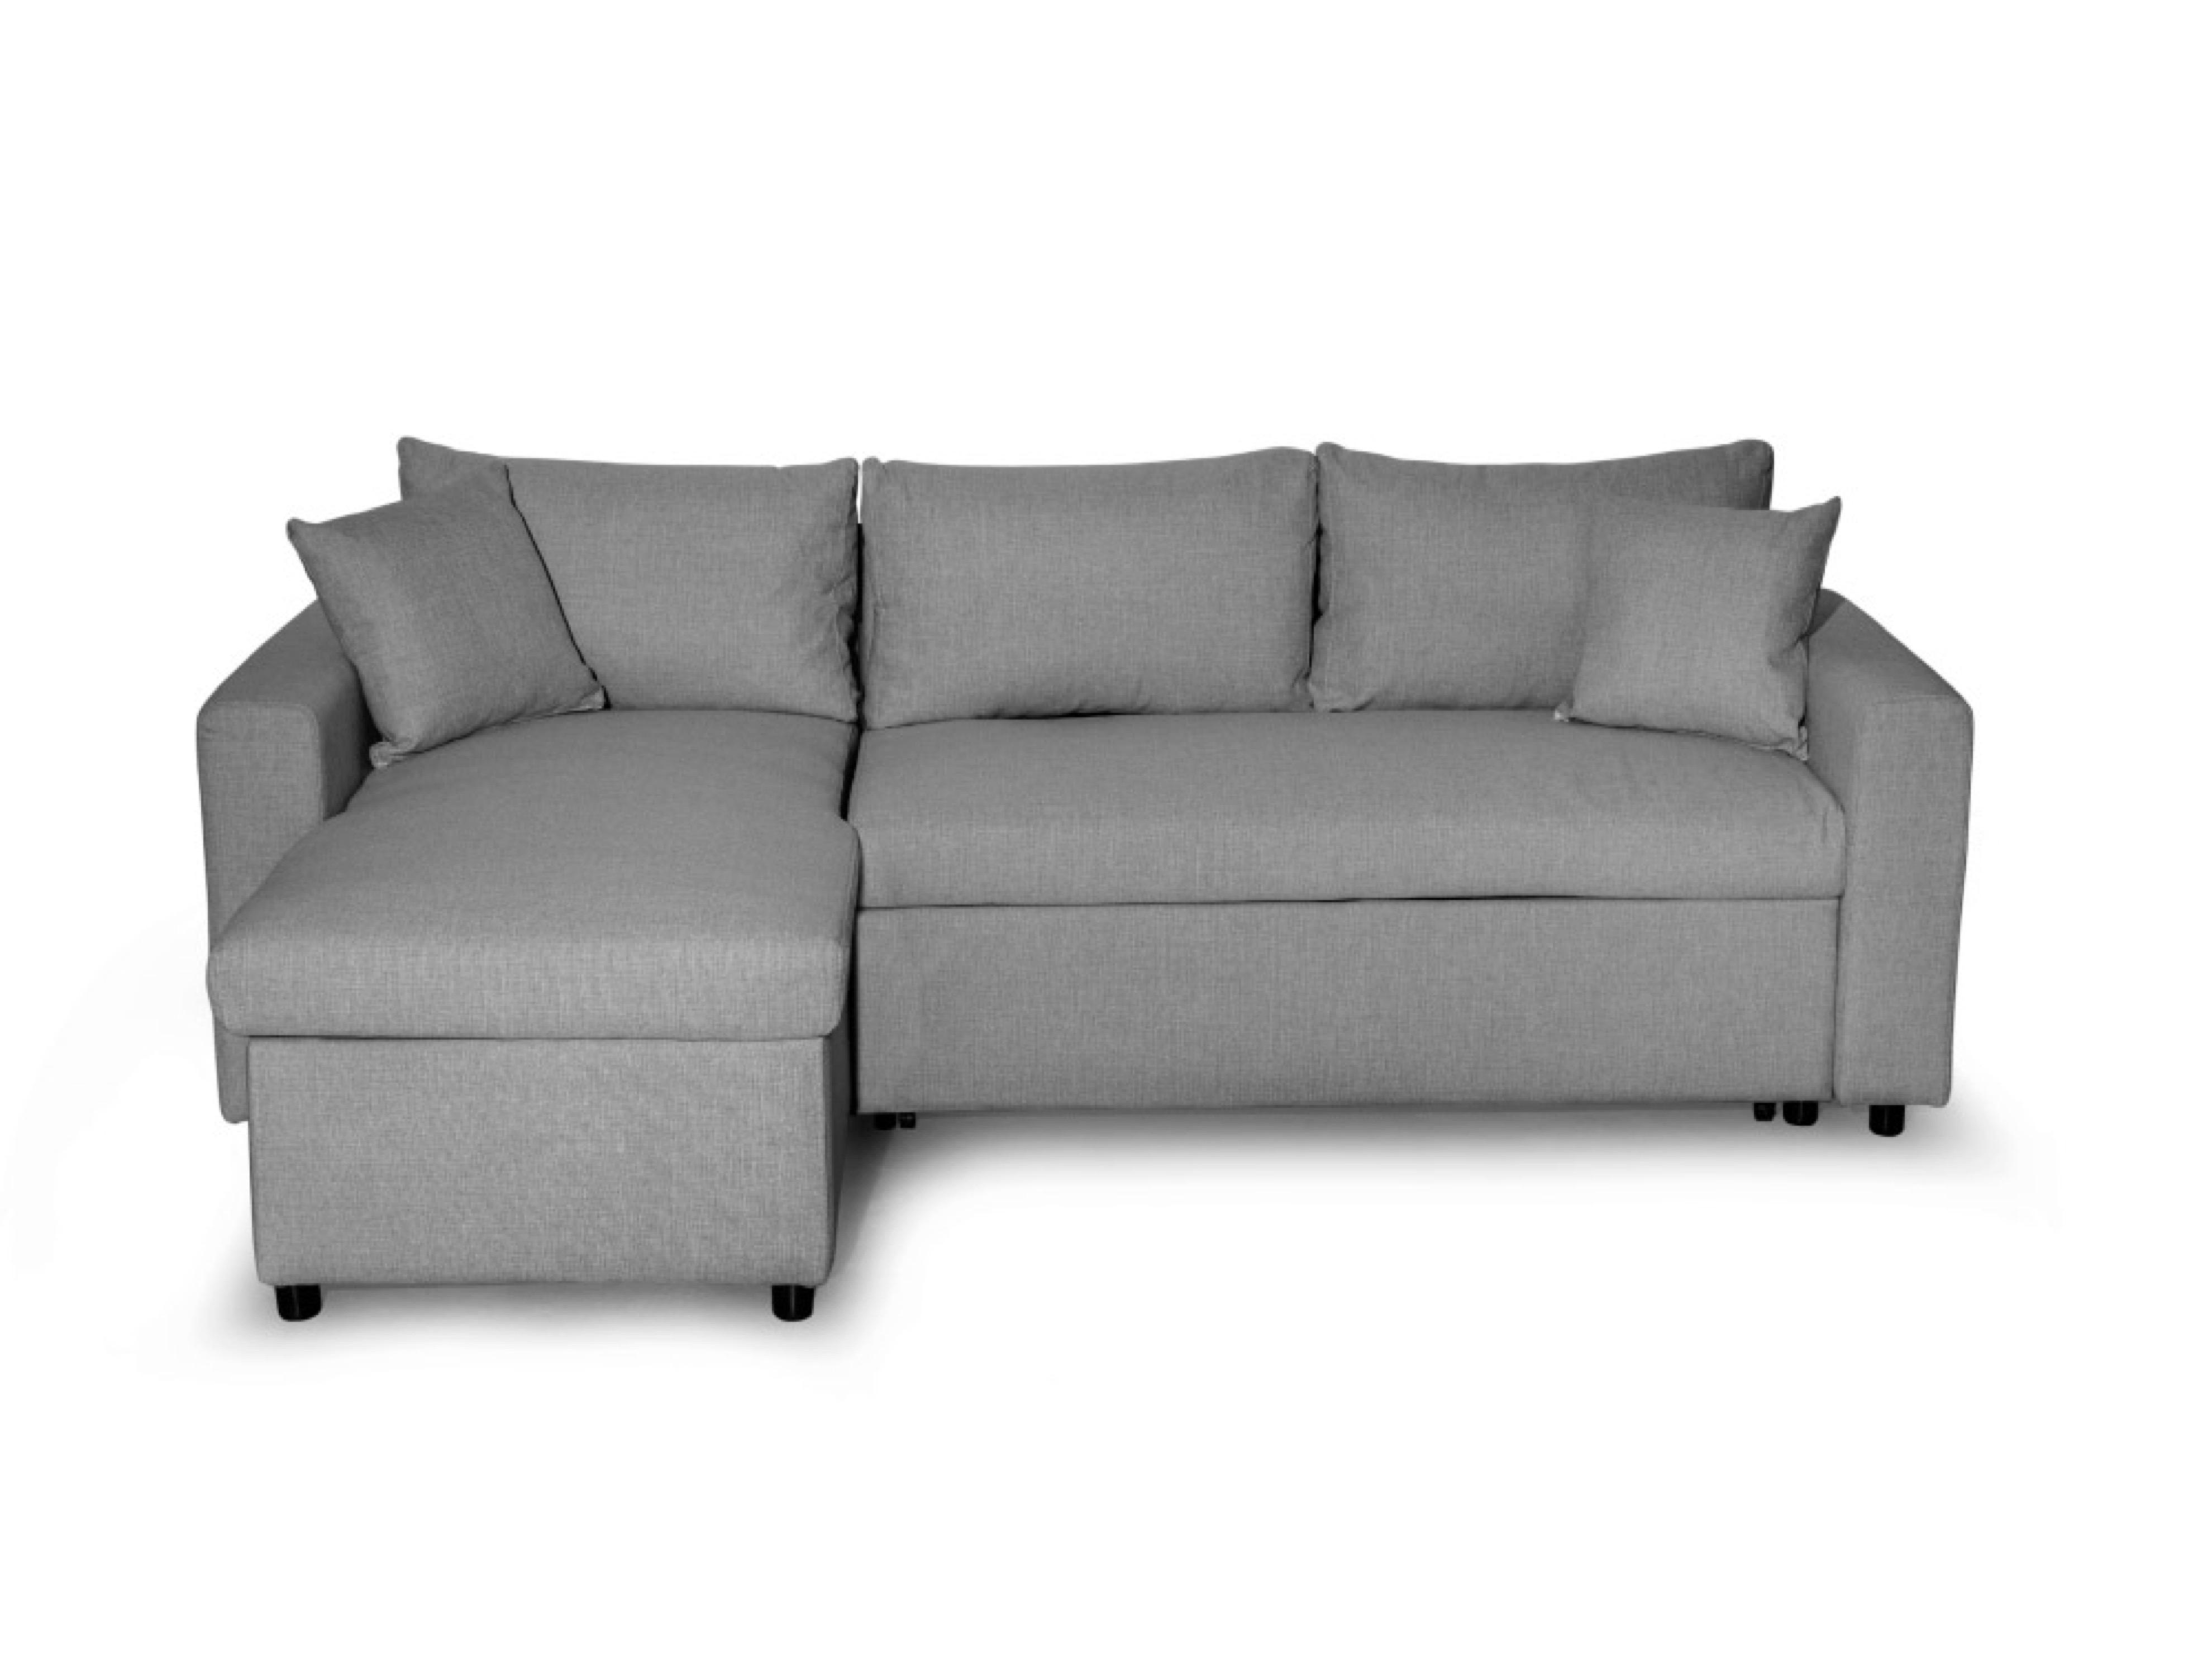 Canapé d'angle réversible convertible avec coffre en microfibre grise